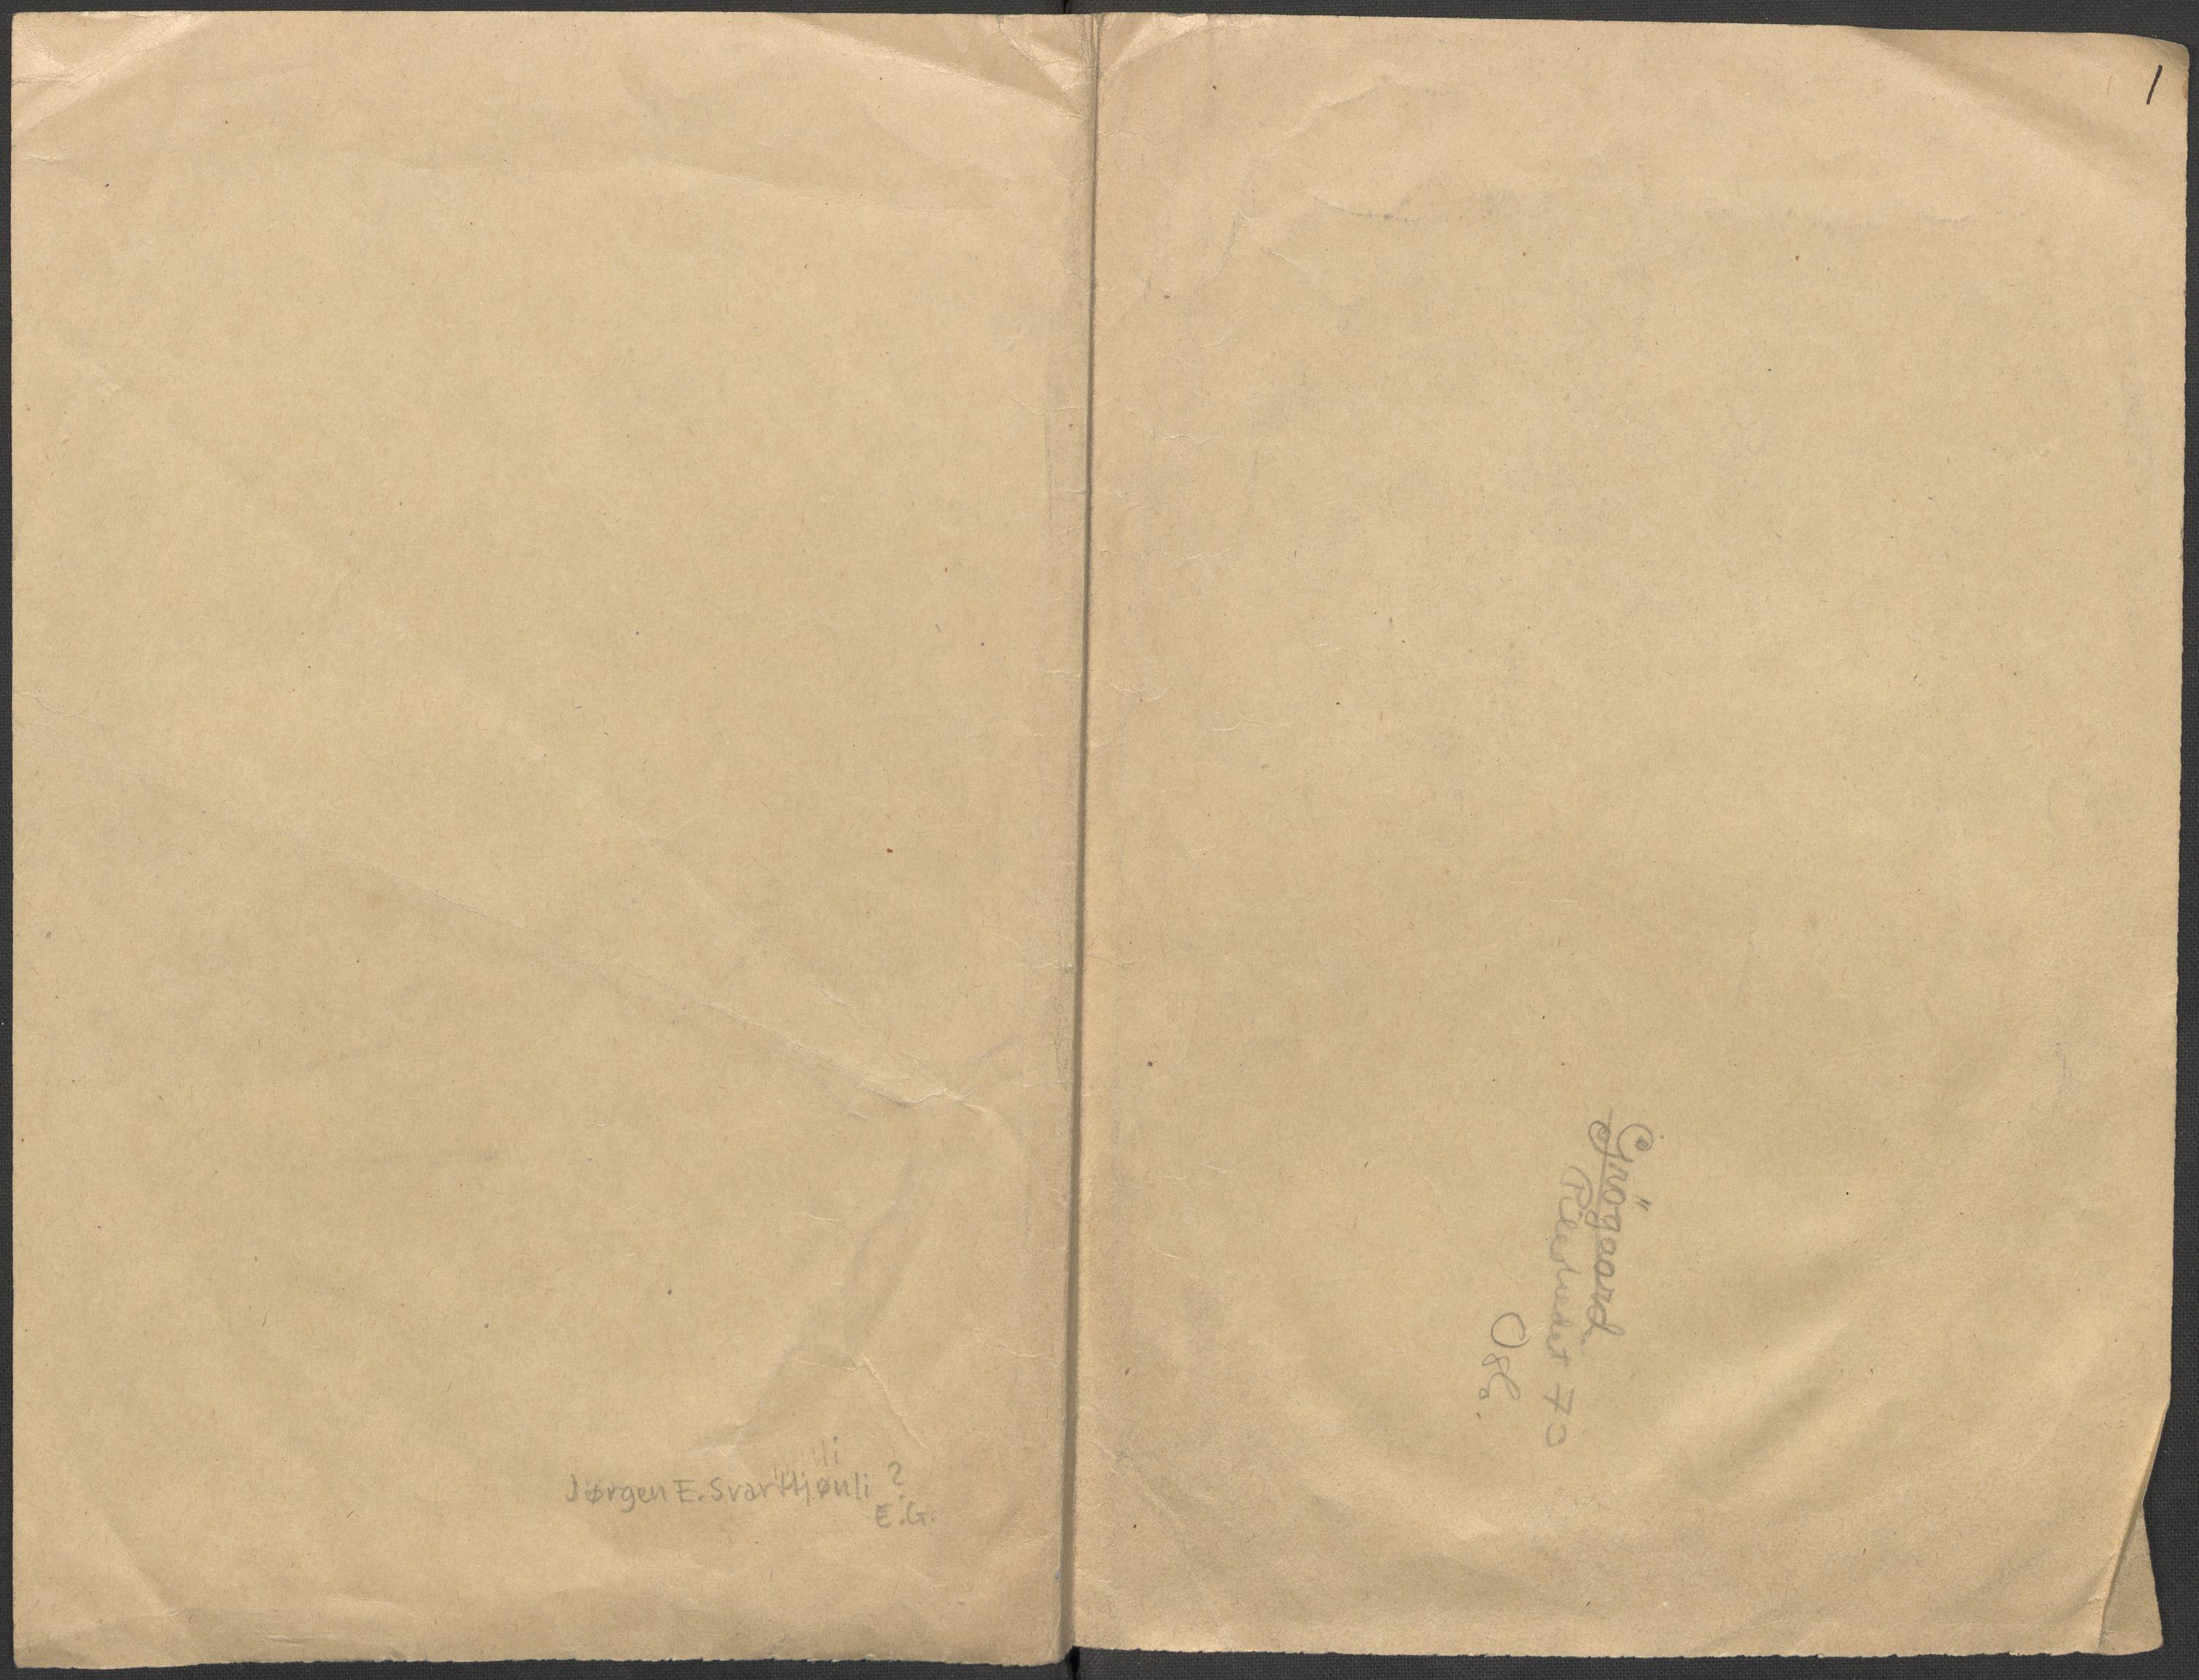 RA, Grøgaard, Joachim, F/L0002: Tegninger og tekster, 1942-1945, s. 131